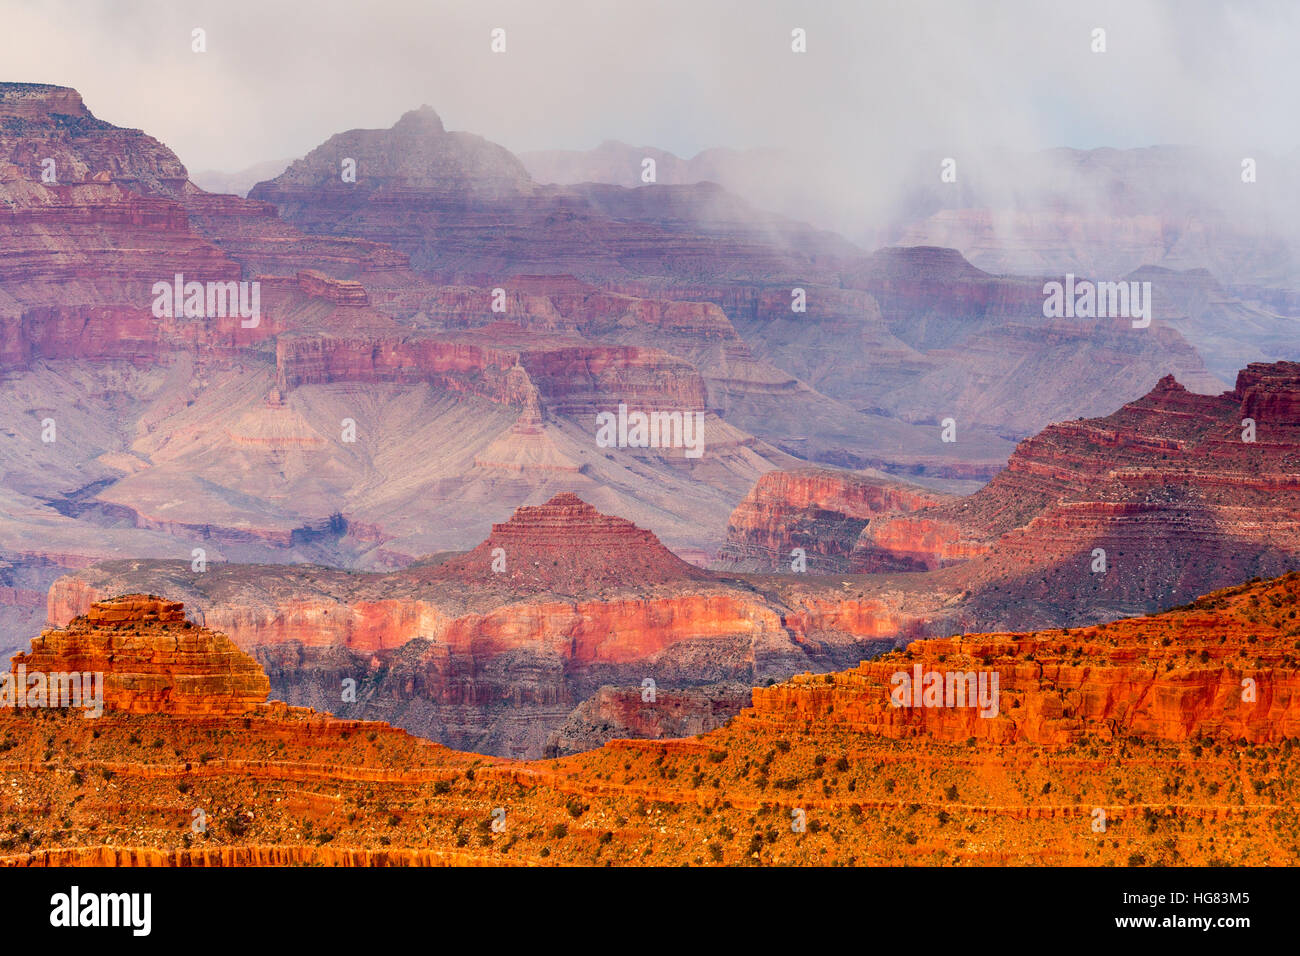 Les averses de neige sur le Grand Canyon au coucher du soleil allume une crête, comme vu de Yavapai Point. Photo Stock